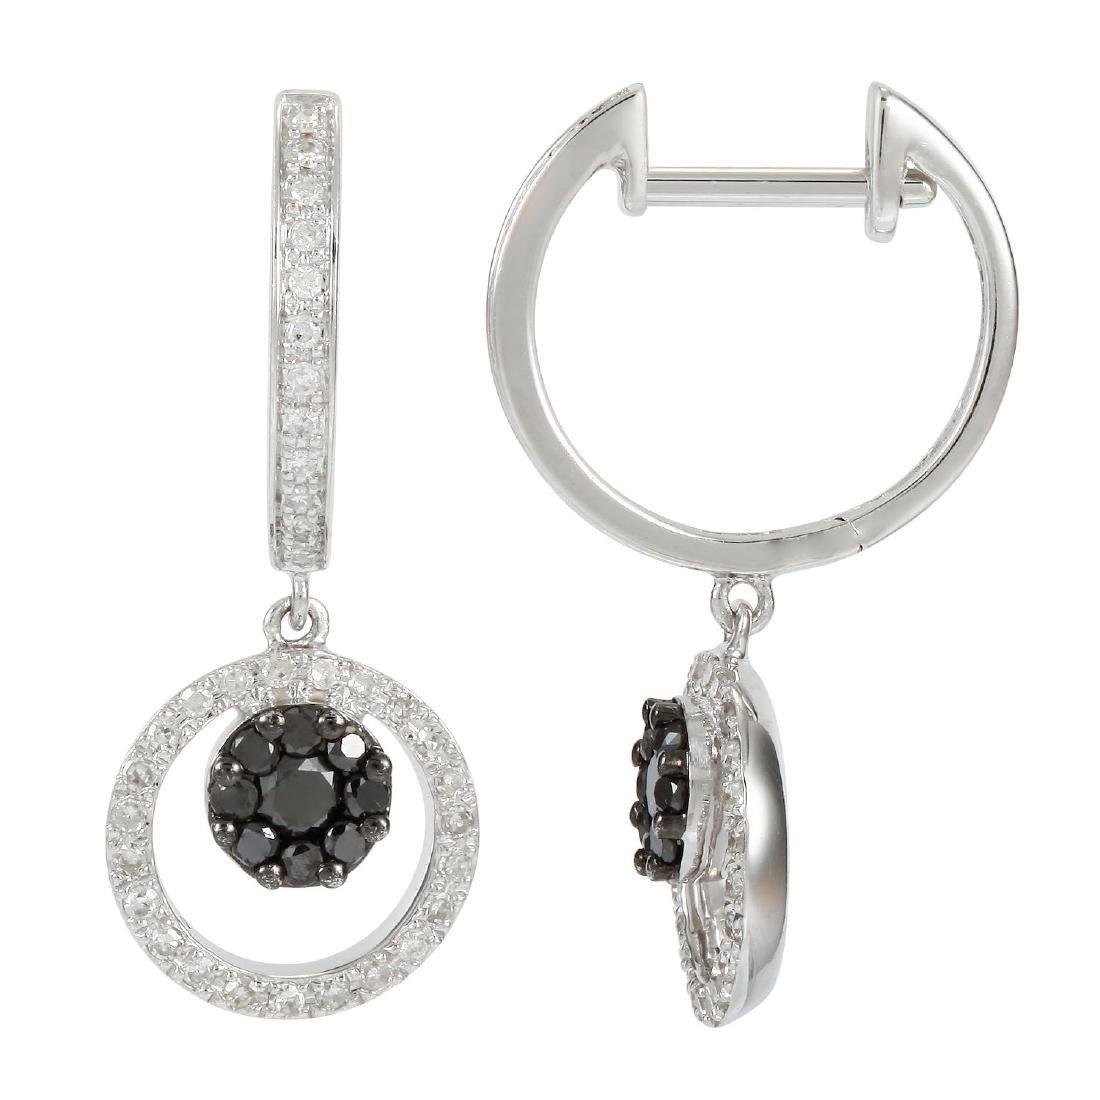 14KT White Gold Diamond Earrings